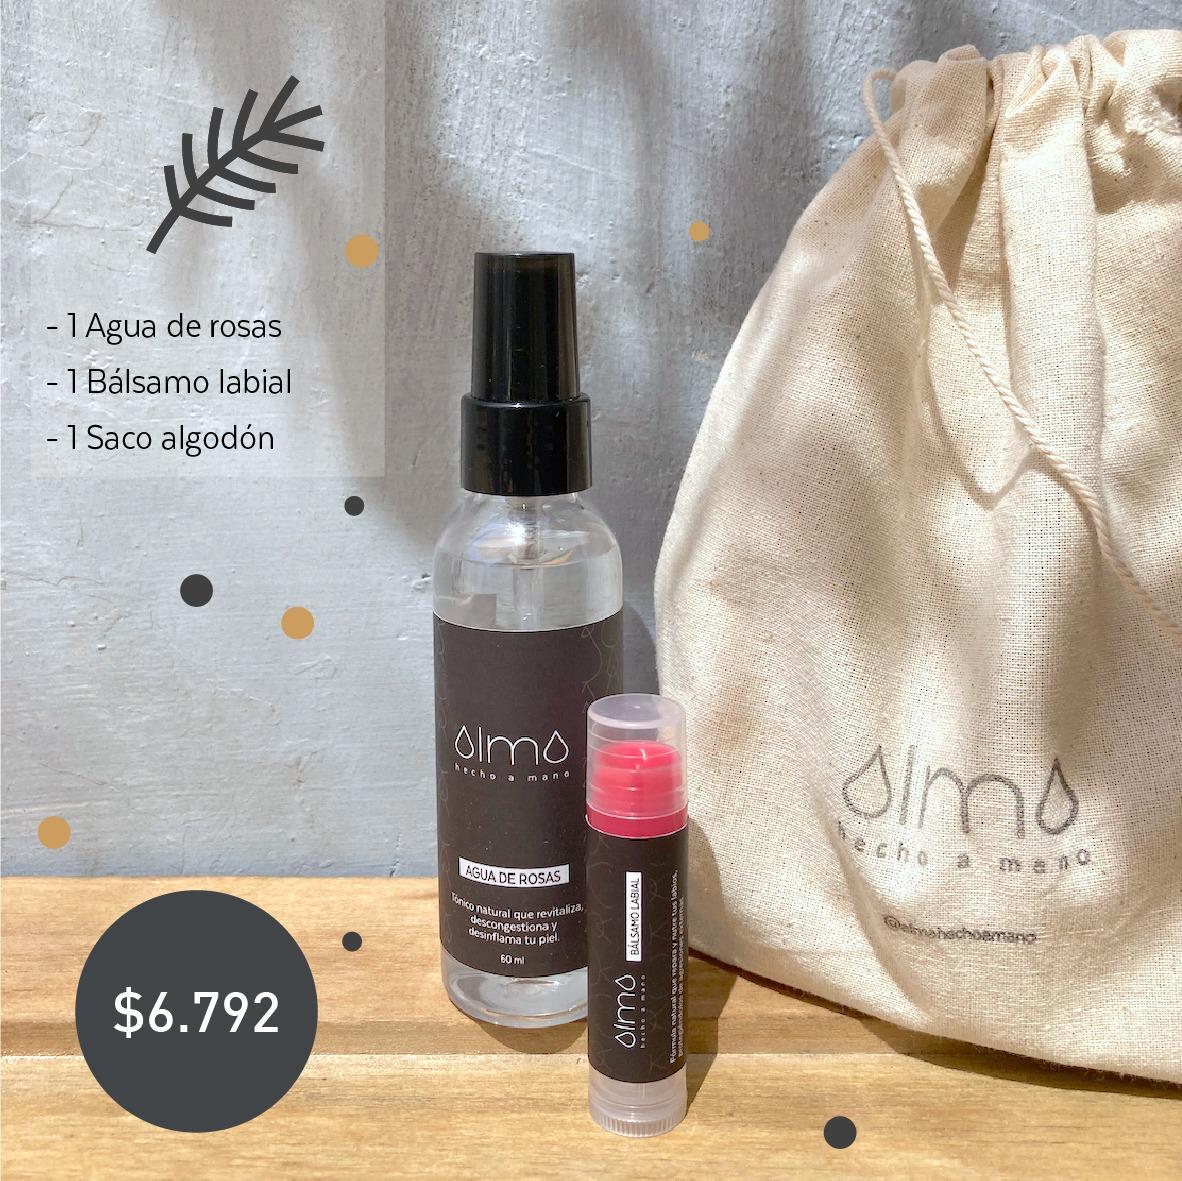 Ideas de regalo: packs de cosmética vegetal Alma 4